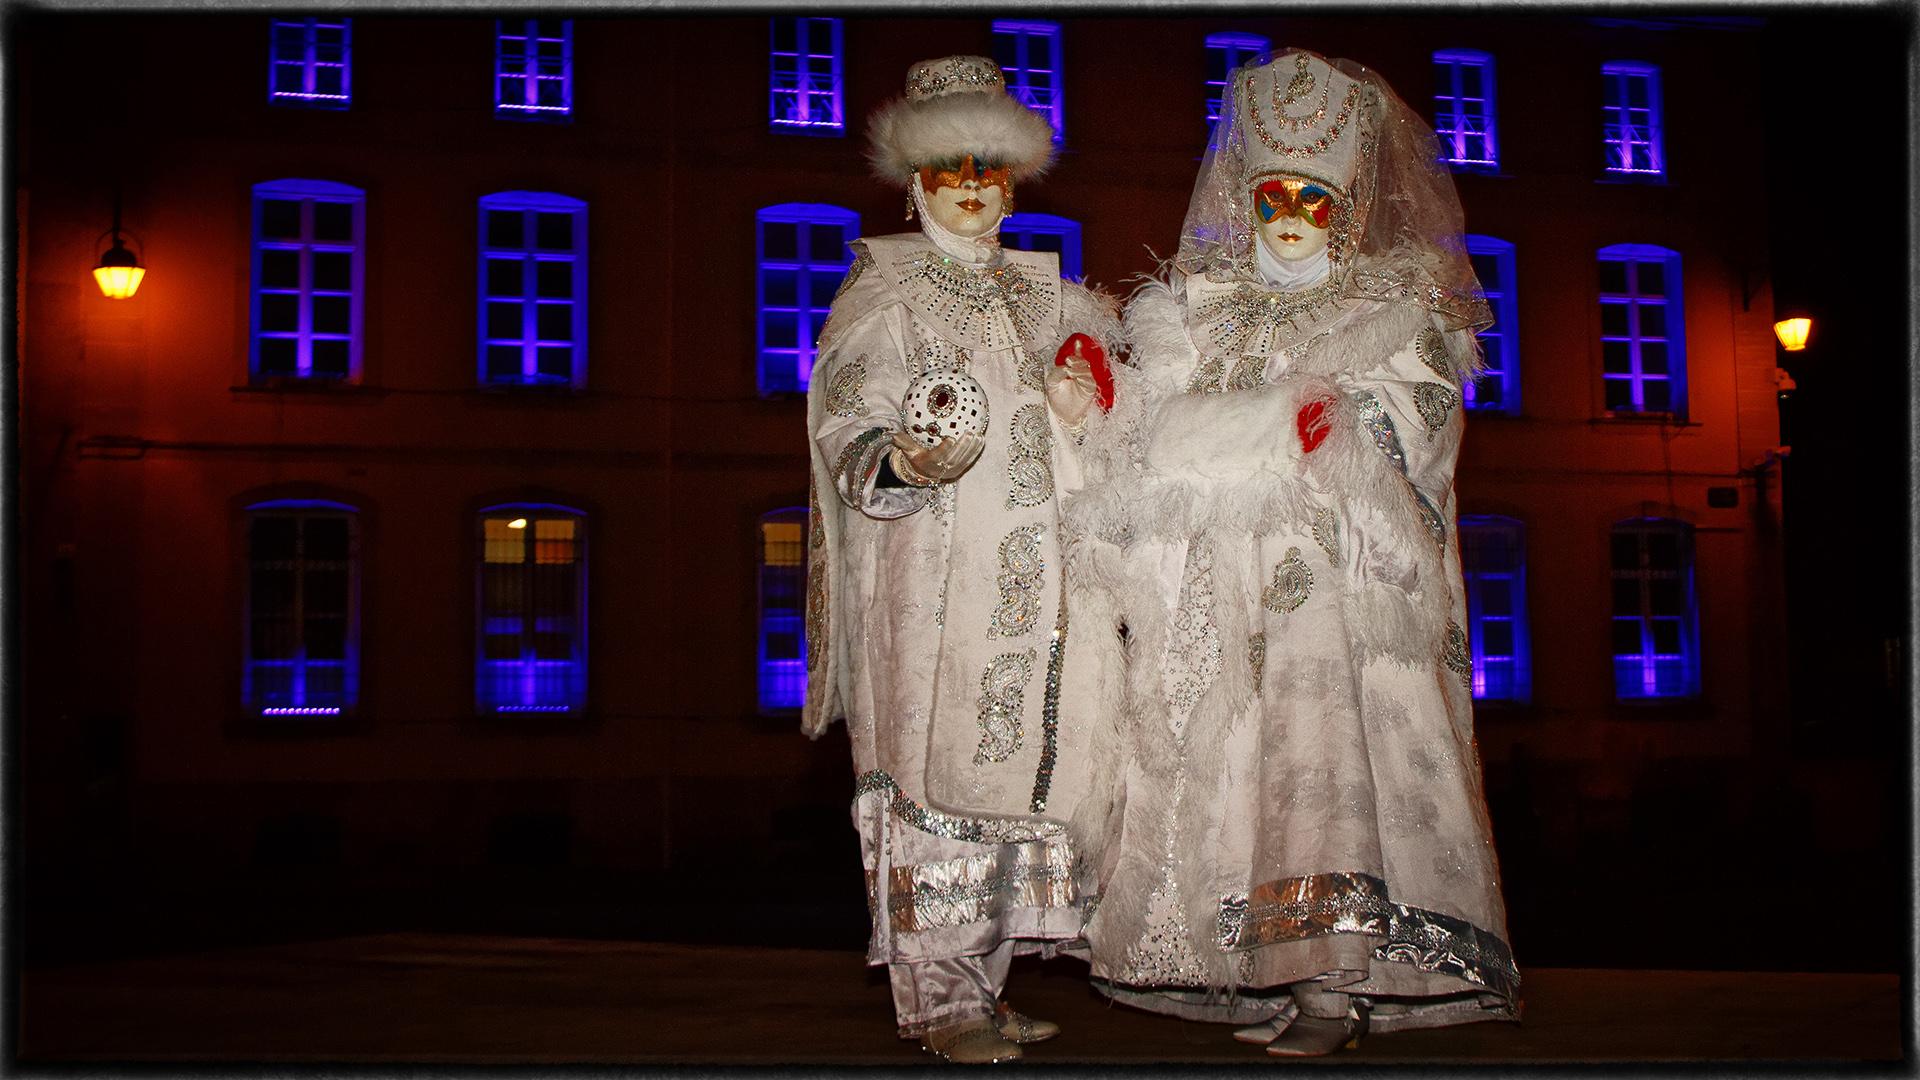 Dans la nuit devant la mairie de Remiremont - Photo J.Monnin